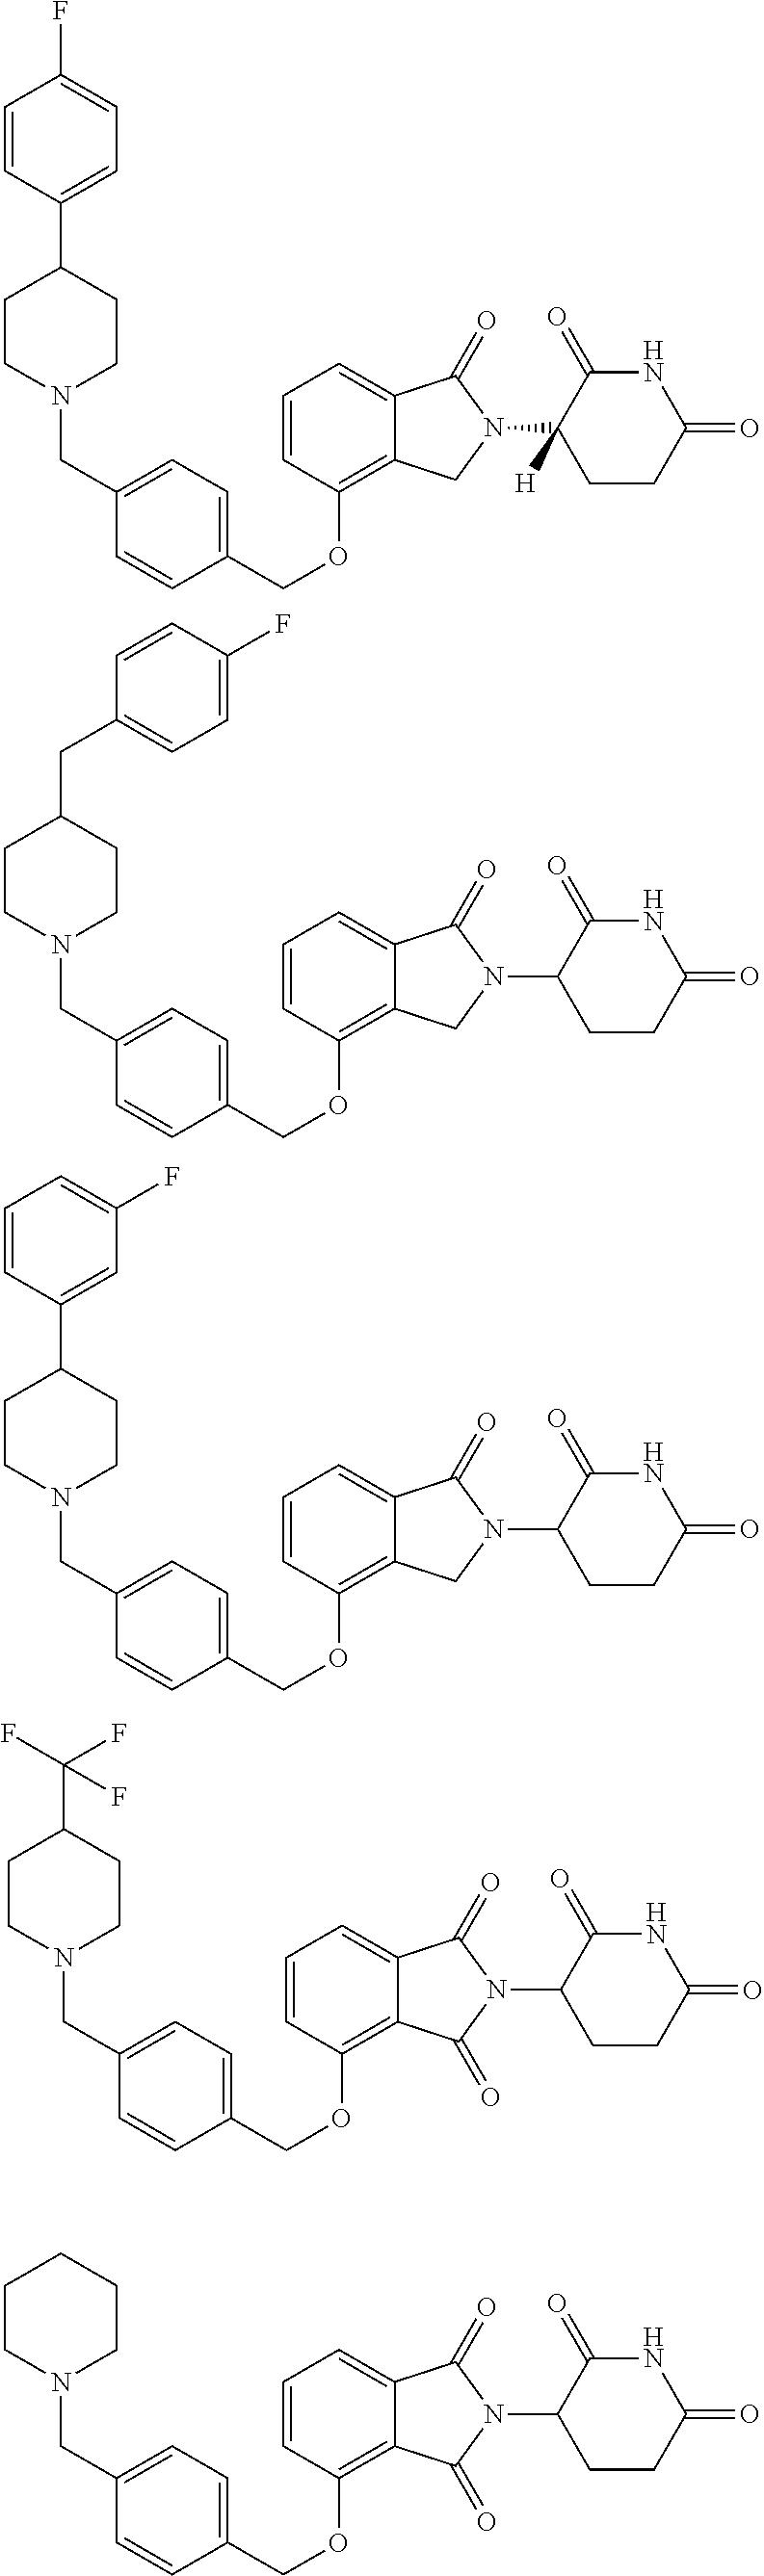 Figure US09822094-20171121-C00043